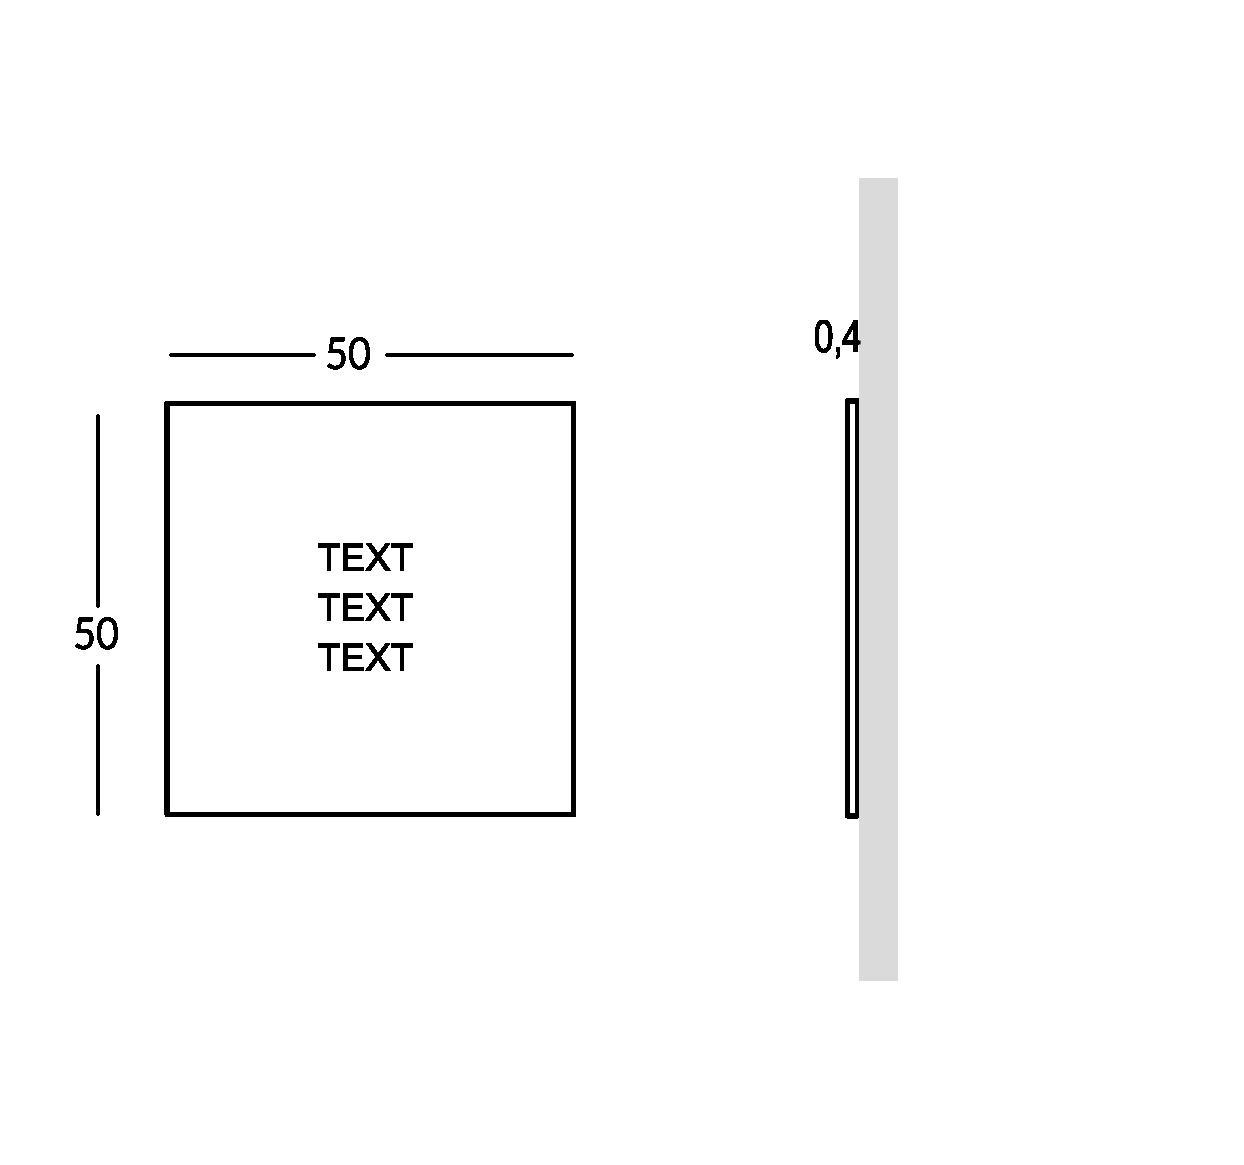 Placa para exterior con letras estarcidas y rellenas. Versión mediana.